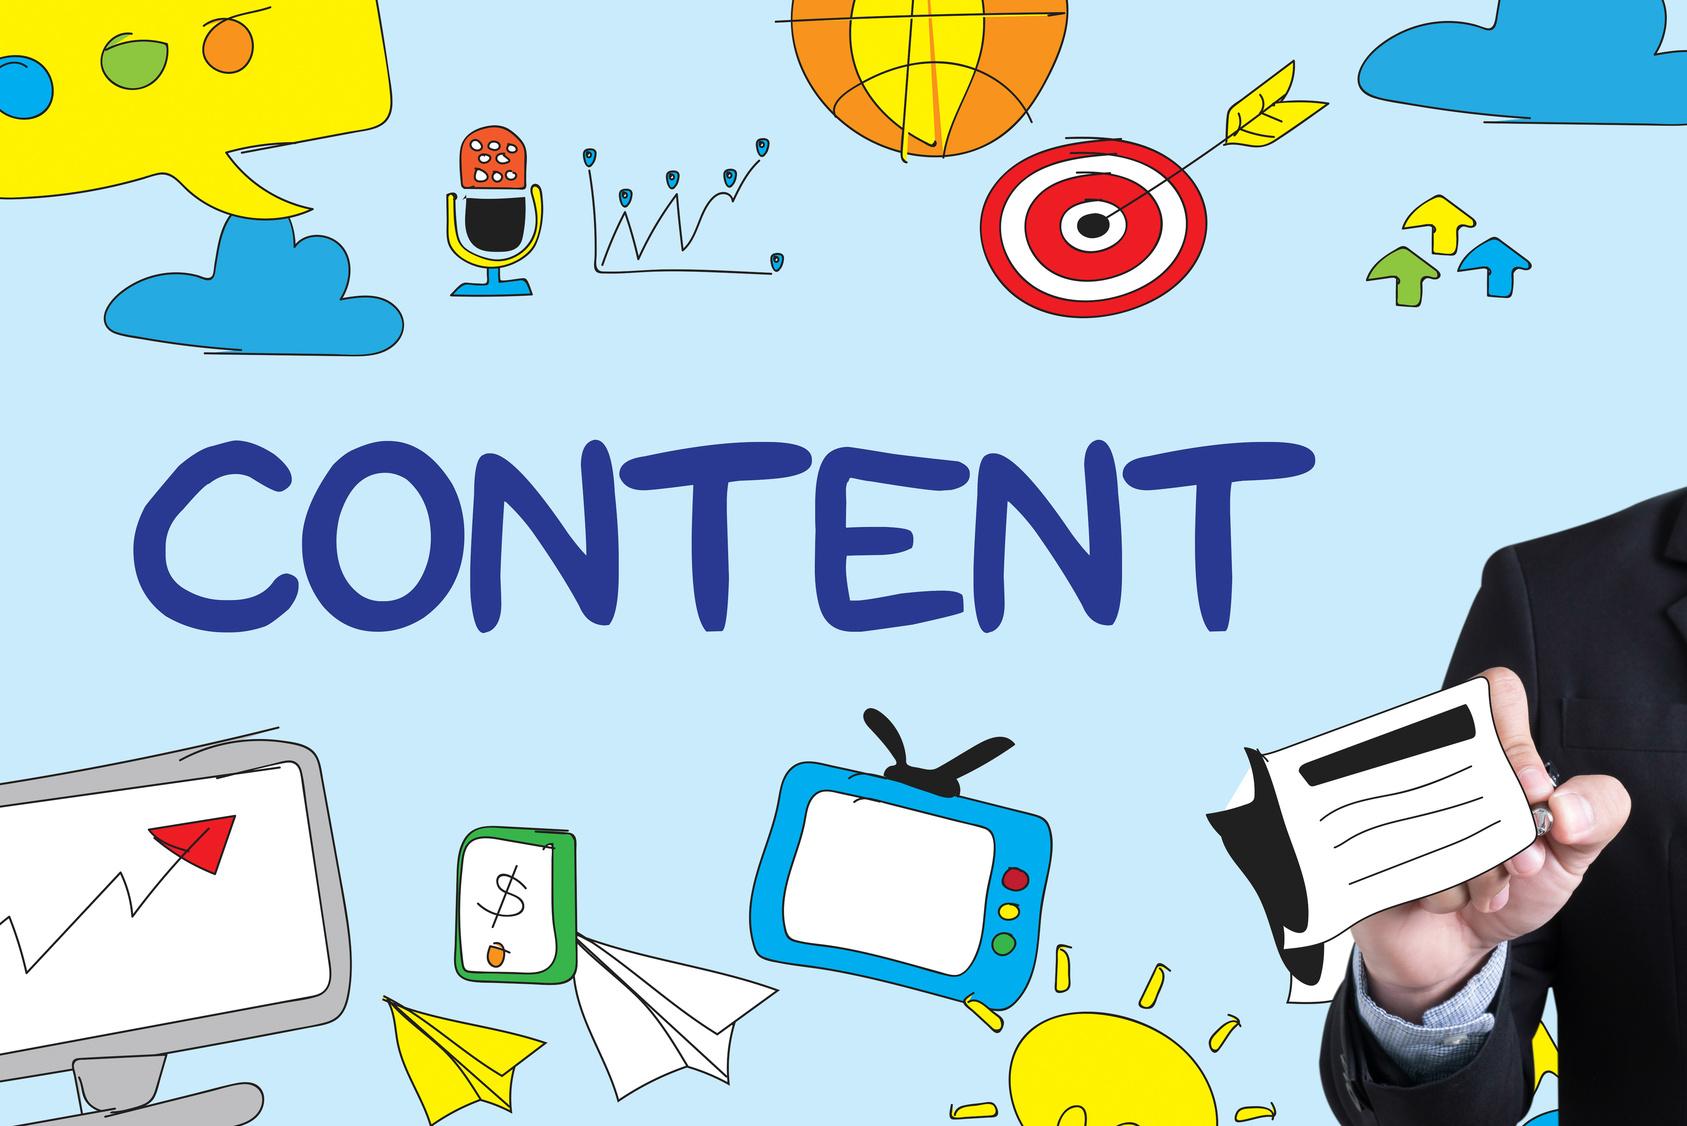 スマホユーザーにウケるコンテンツマーケティングの特徴